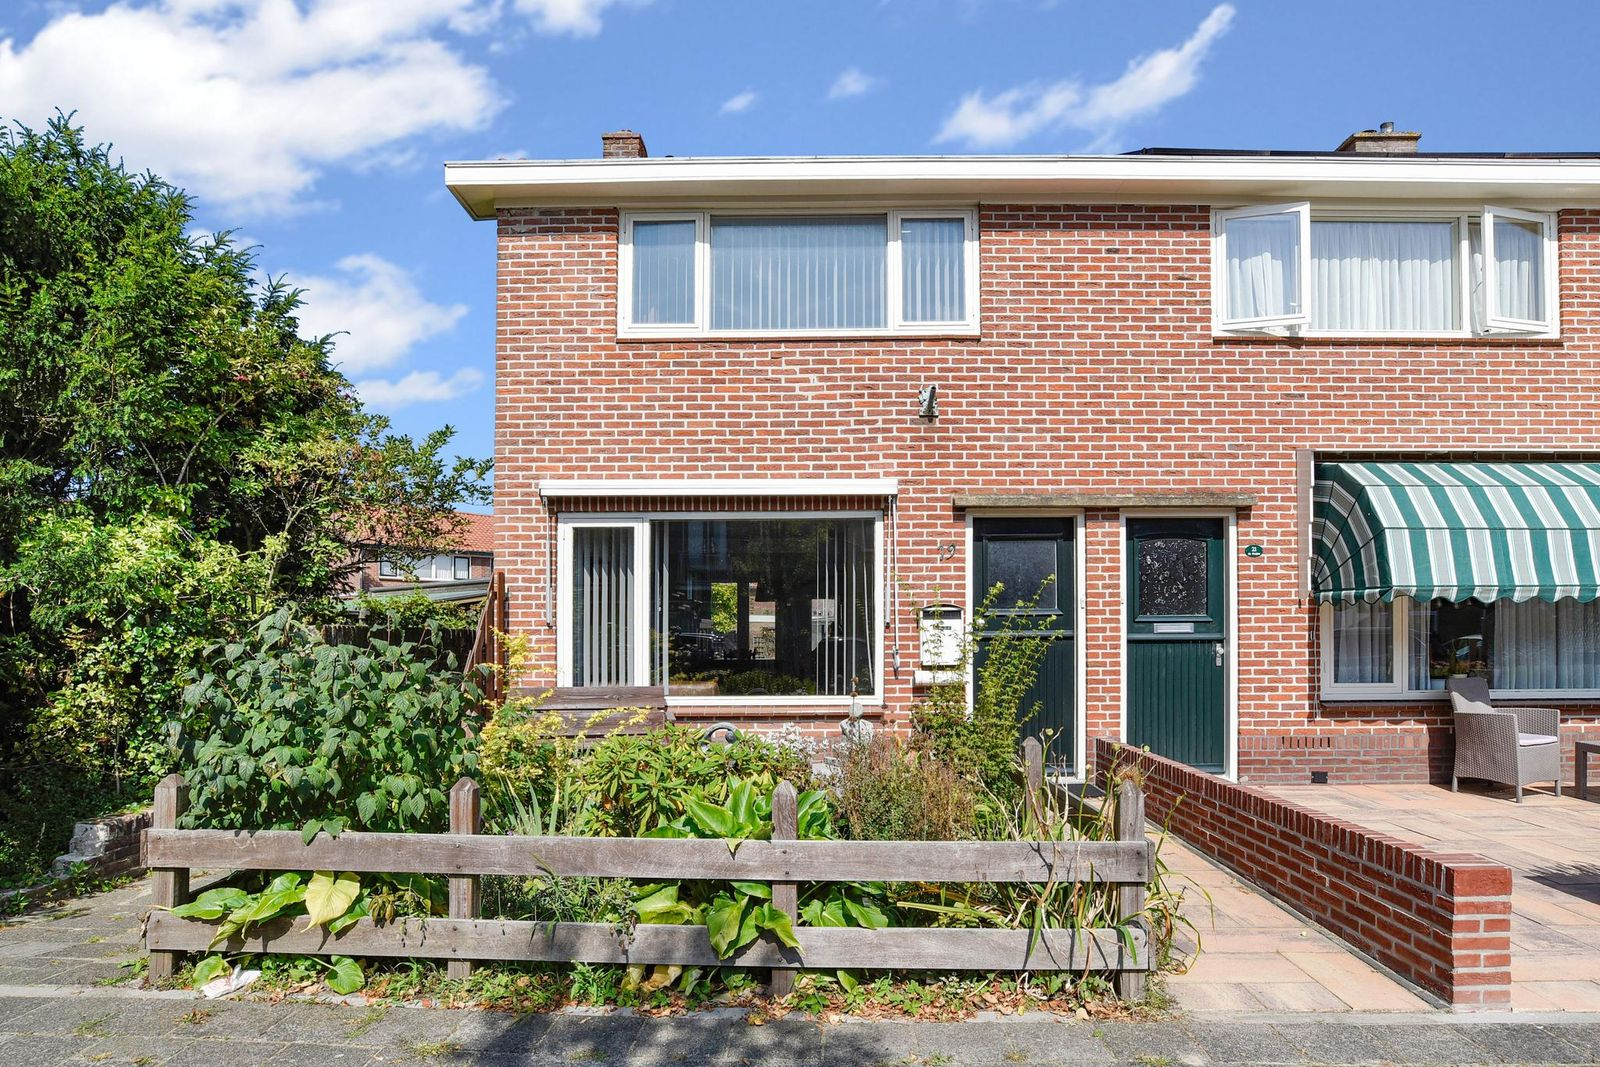 Sint Jeroensweg 19, Noordwijk